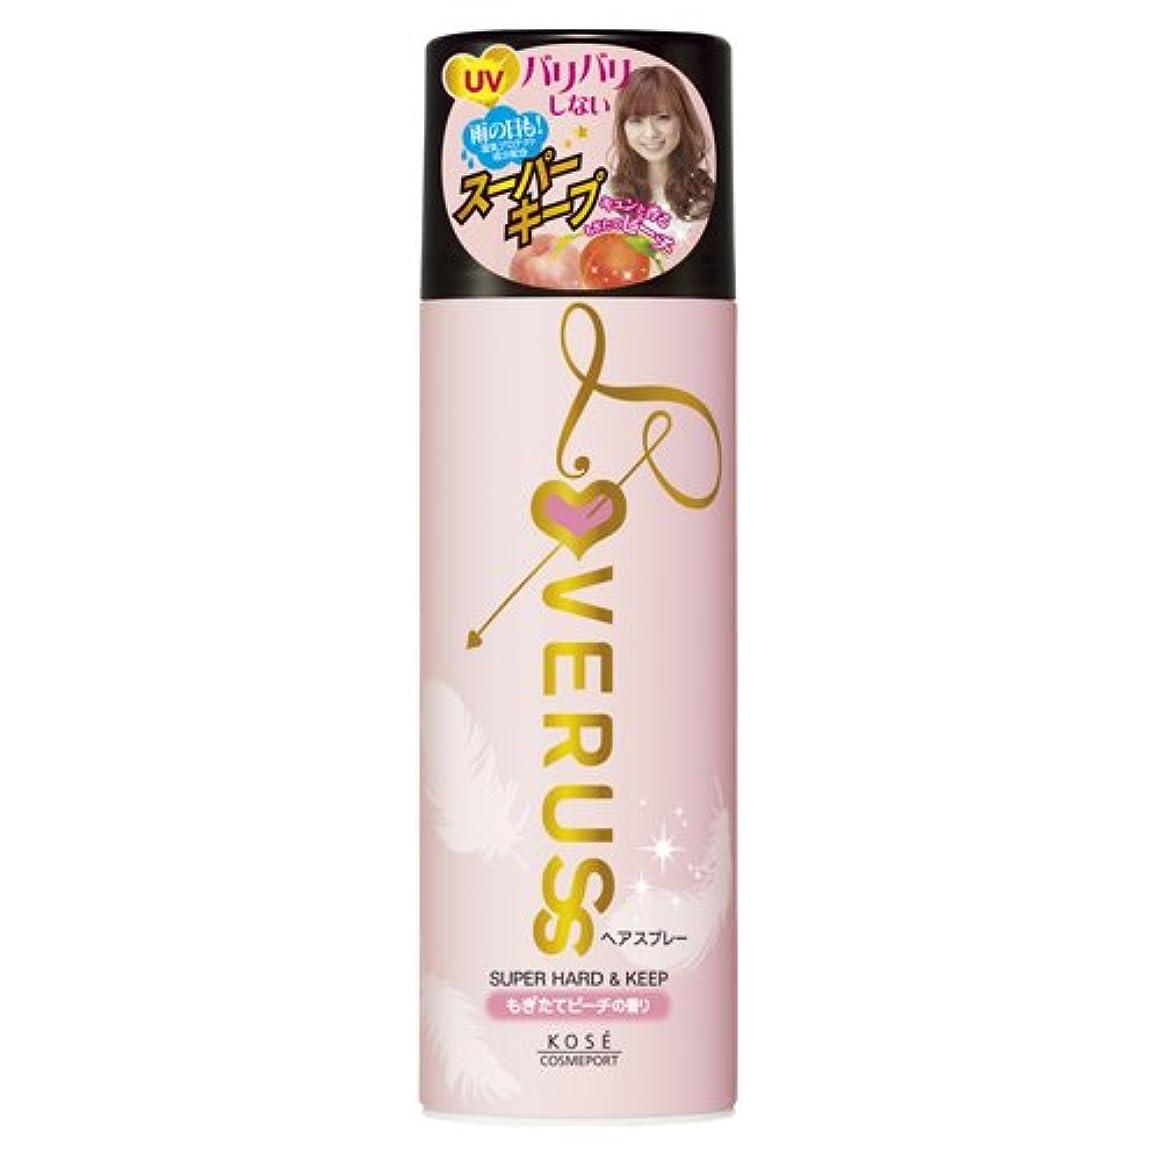 魅力評価抵抗するKOSE ラブラス パワフルホールド ヘアスプレー (もぎたてピーチの香り) 330g